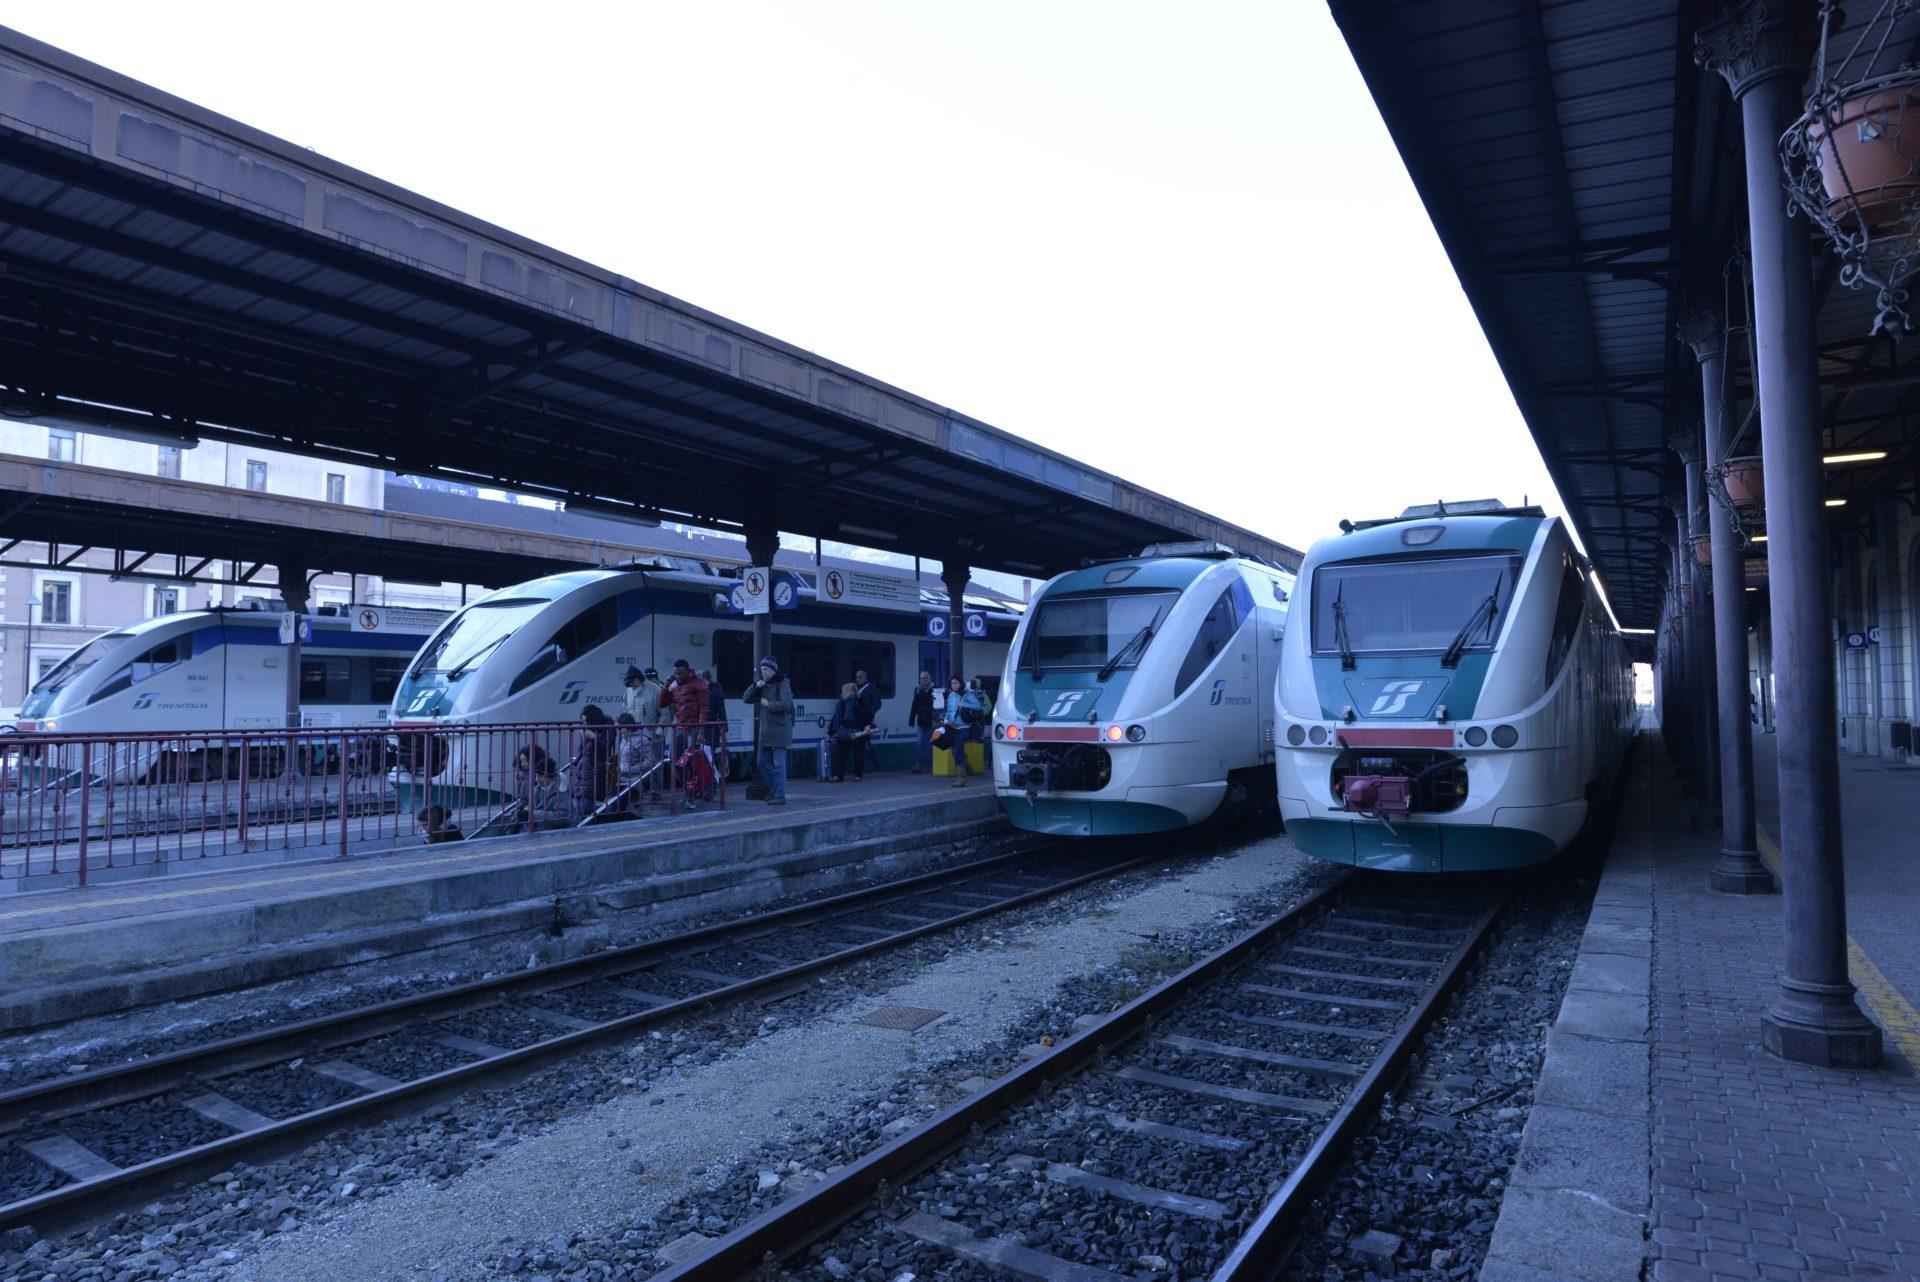 Stazione Ferroviaria AOSTA